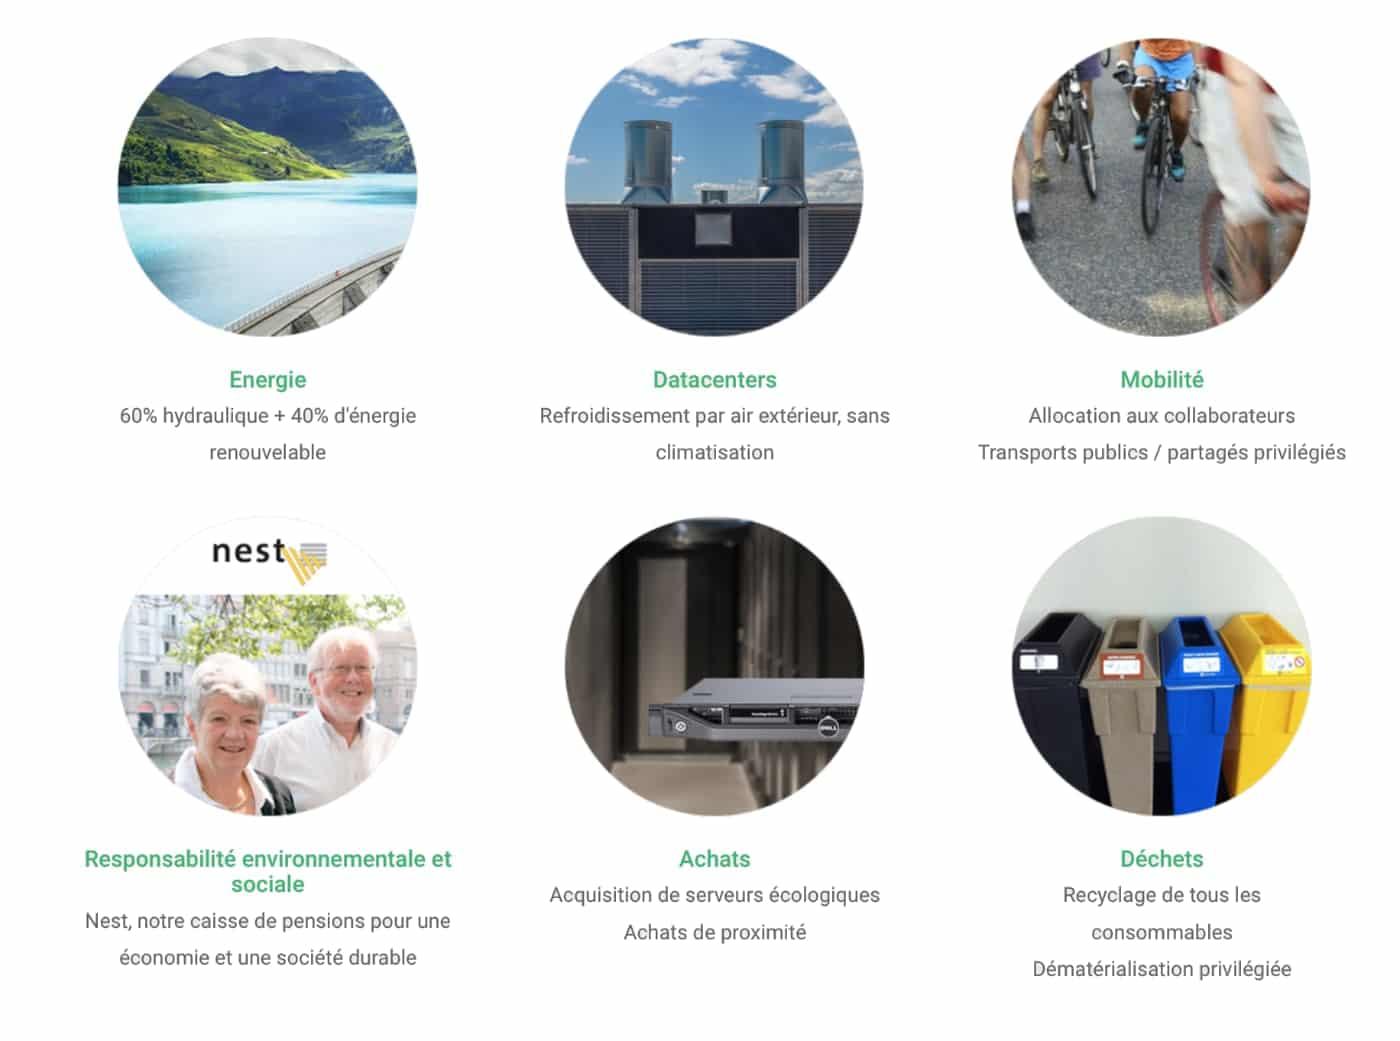 hébergement web écologique infomaniak: 6 images en rond sur les efforts écologique d'Infomaniak